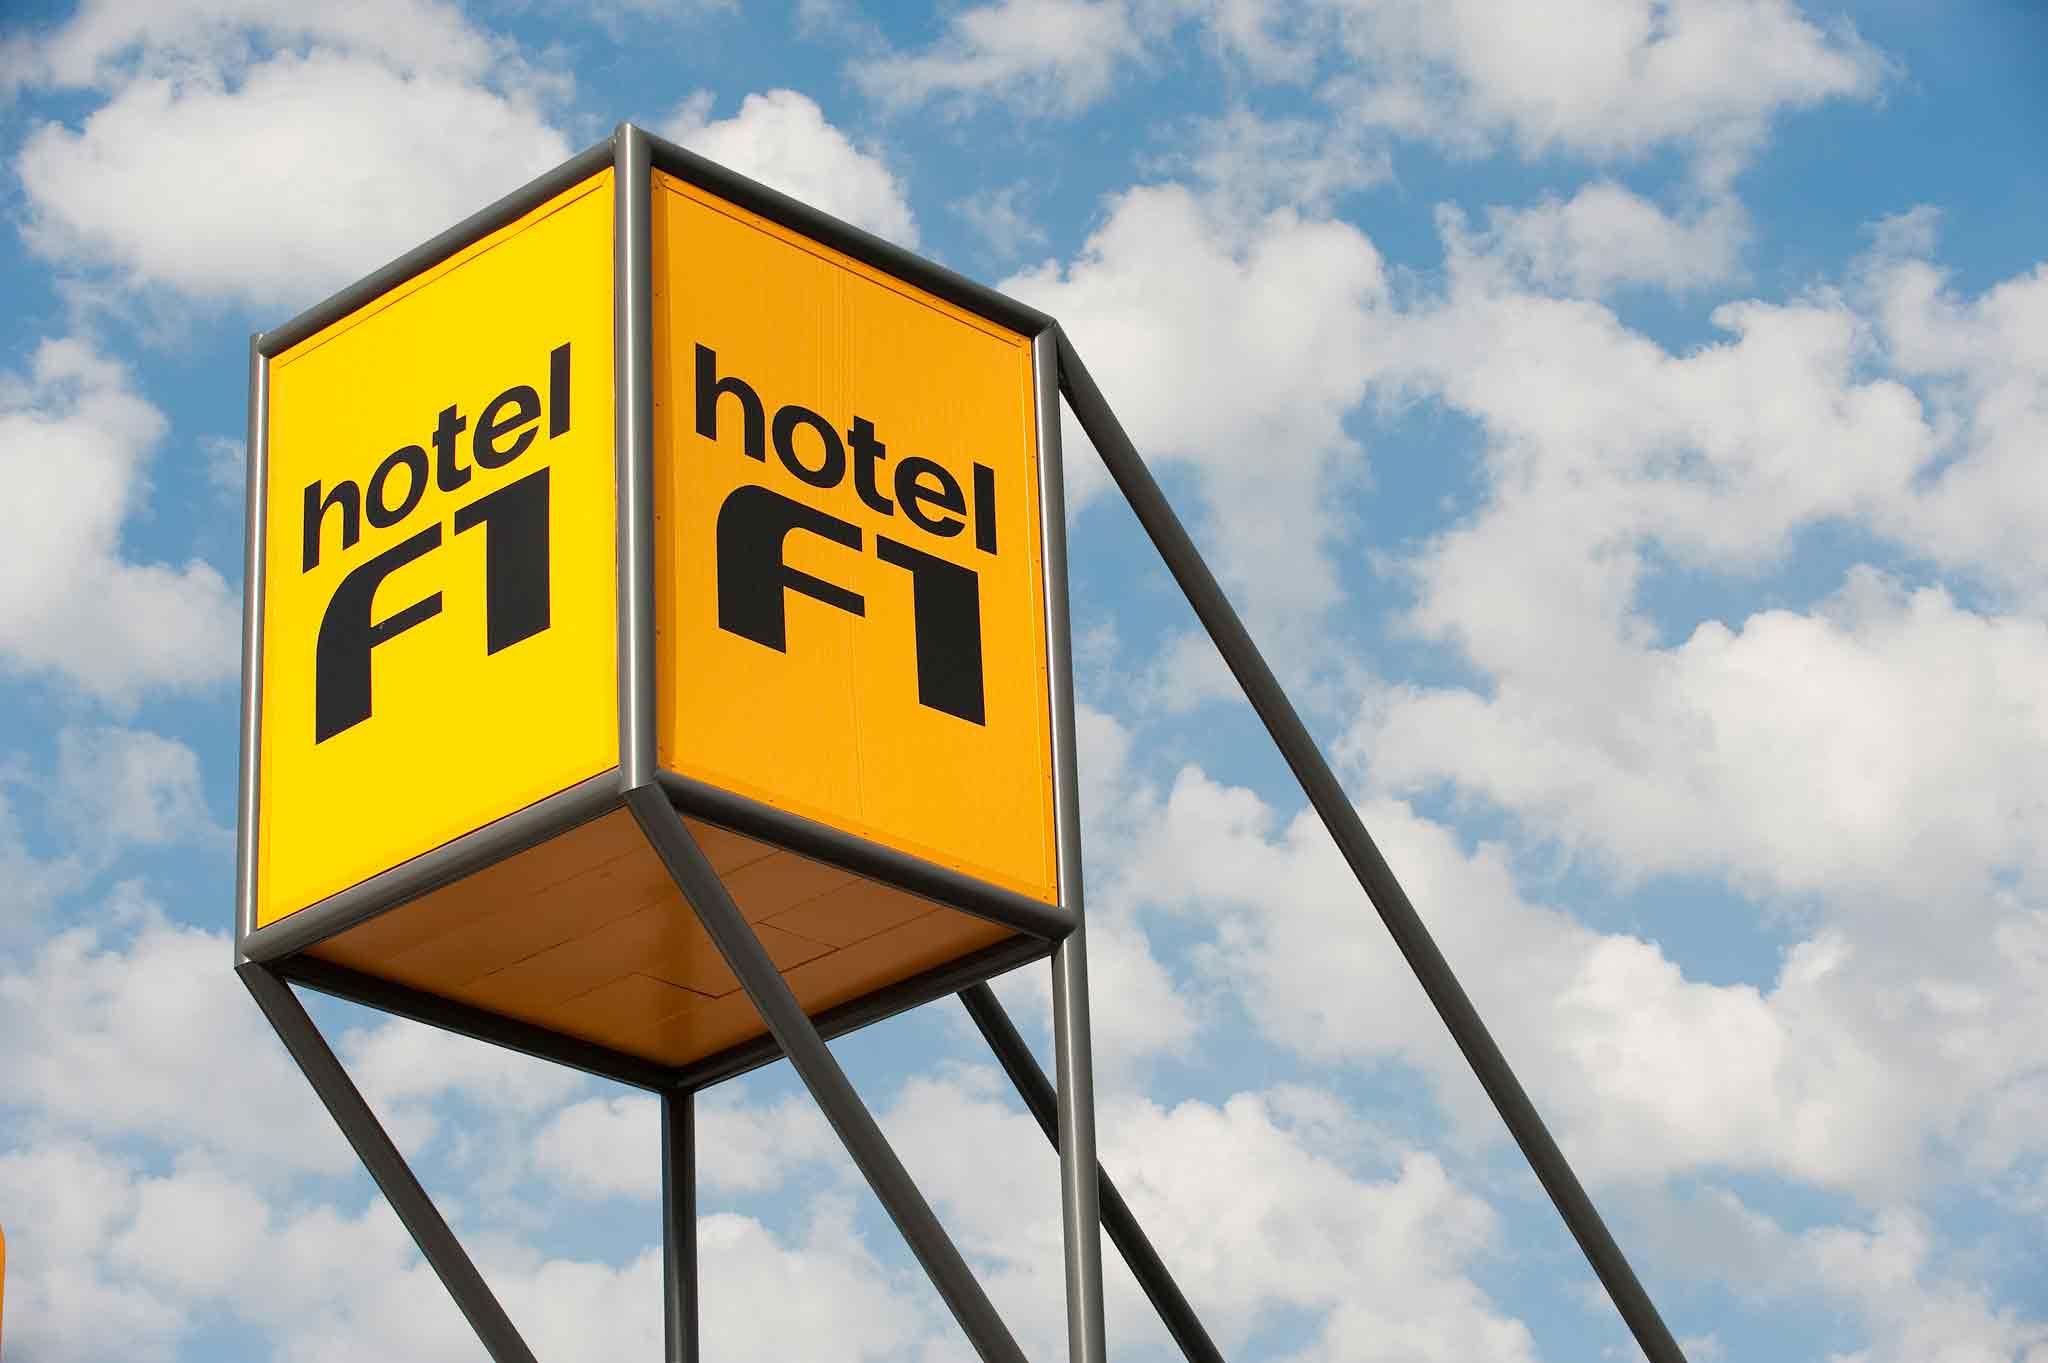 Hotel – hotelF1 Villeparisis